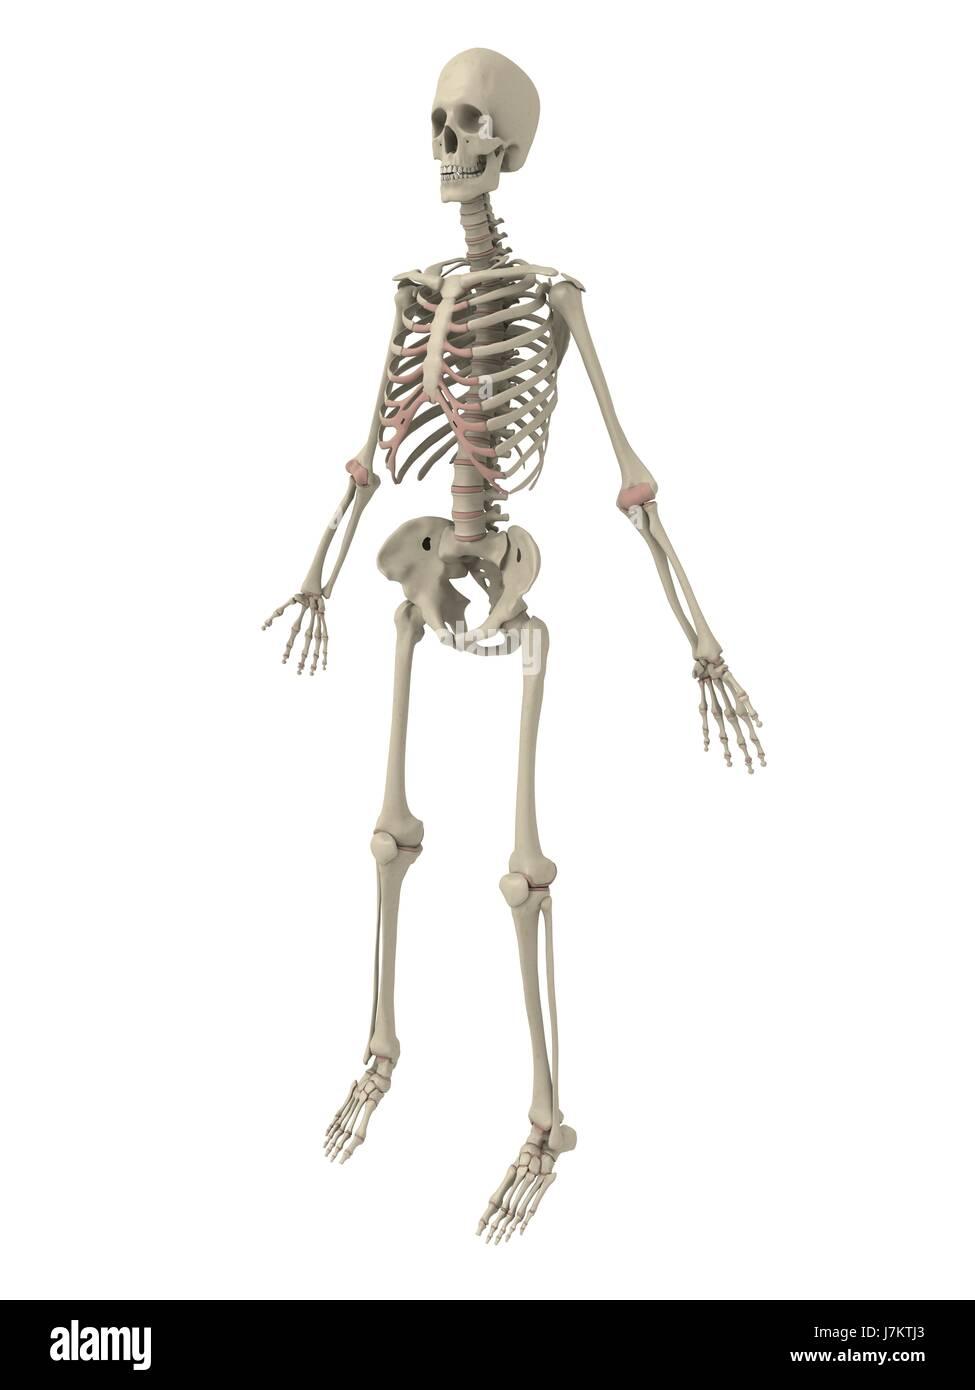 Niedlich Skelett Für Anatomie Klasse Galerie - Menschliche Anatomie ...